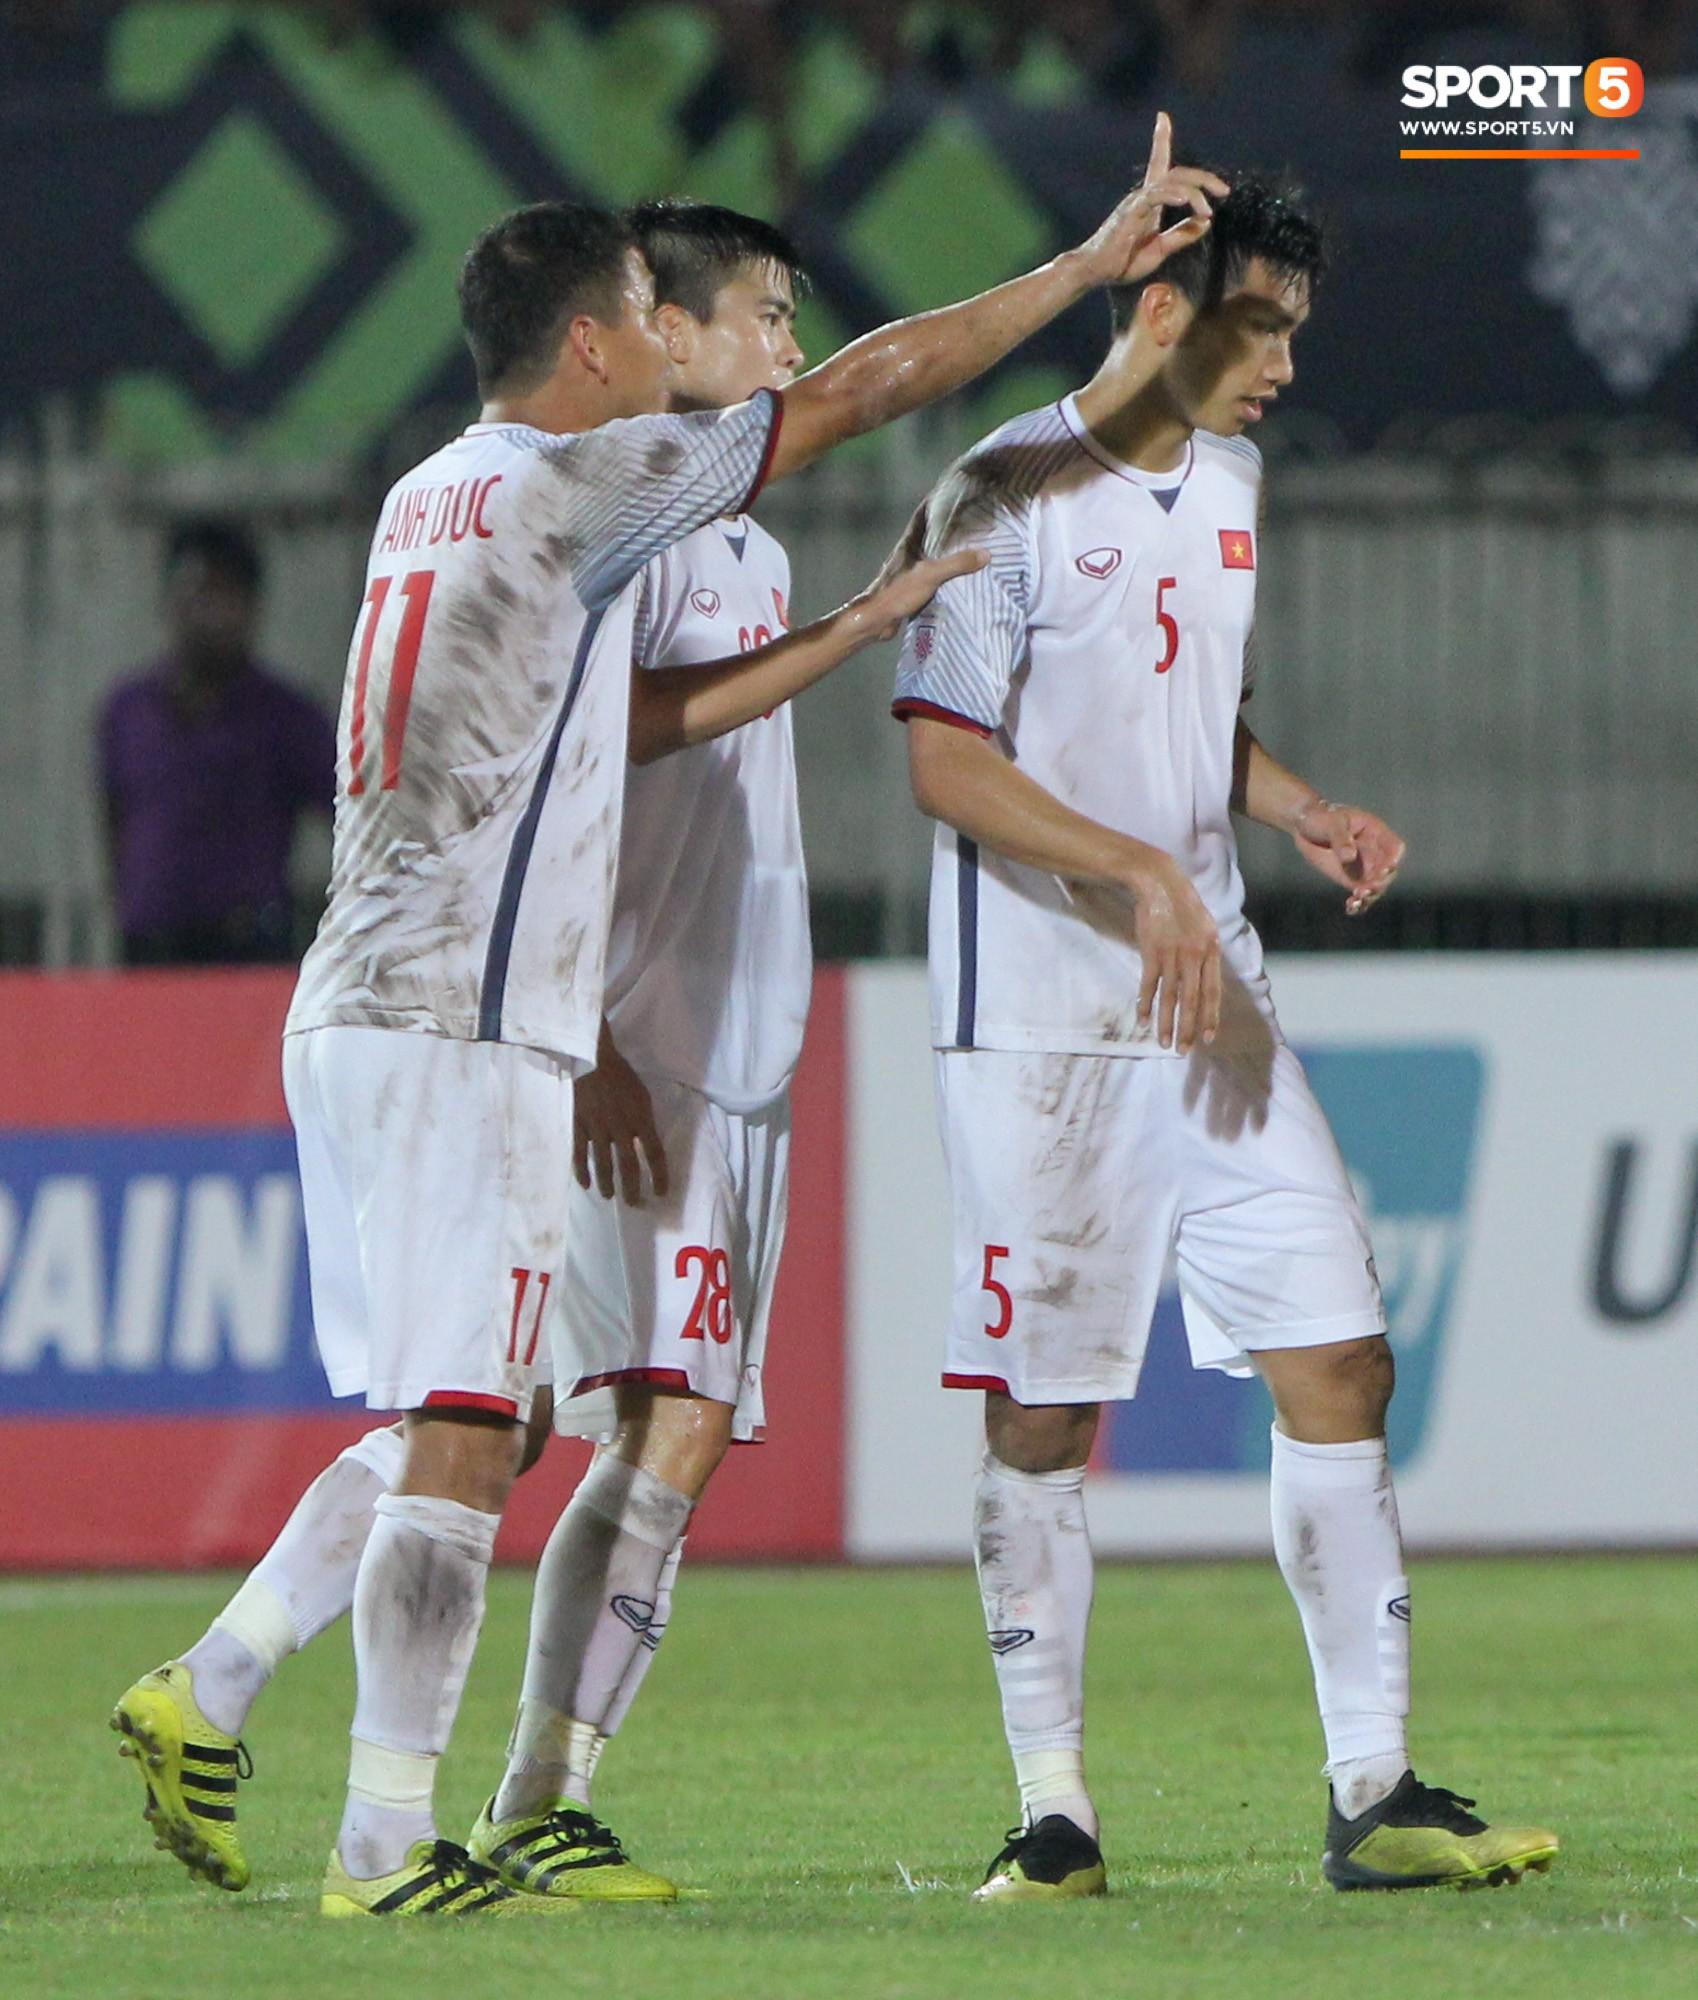 Đoàn Văn Hậu bất mãn, chỉ thẳng mặt trọng tài chính trận Myanmar vs Việt Nam 10